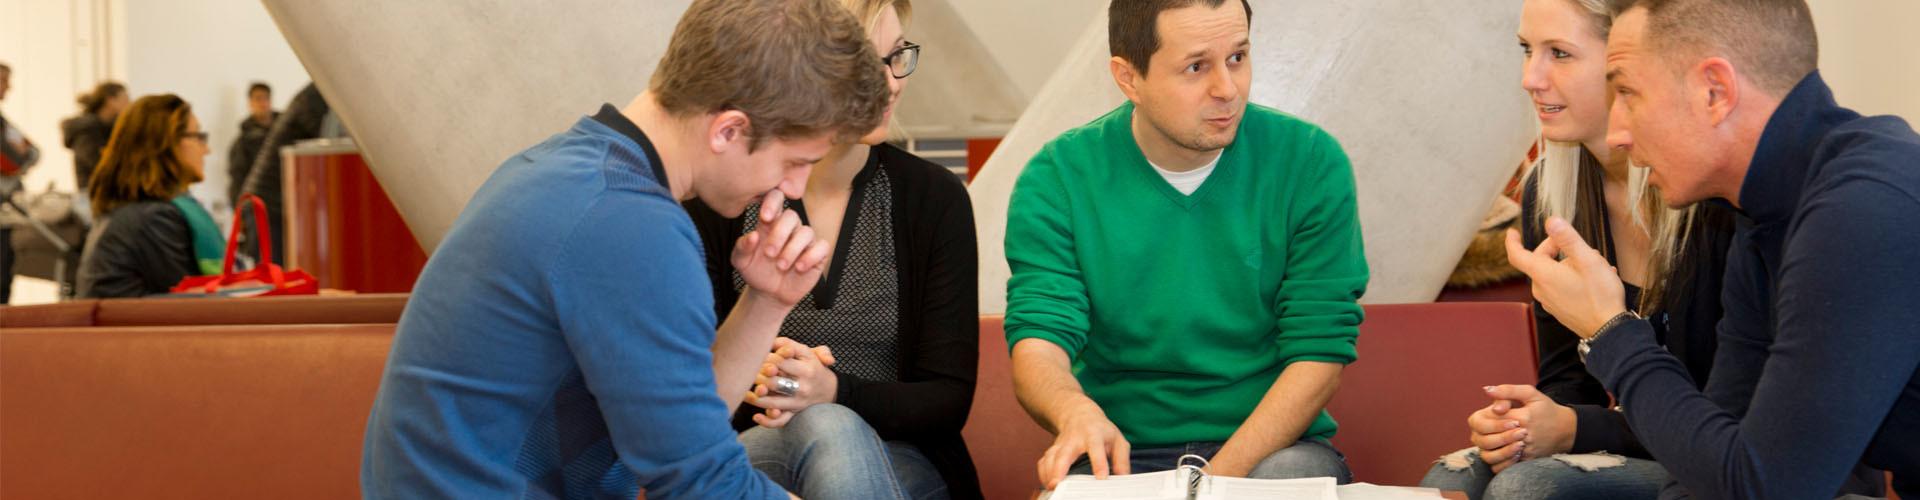 Personen bei einer Beratungssituation im Warteraum © Lisi Specht, AK Wien